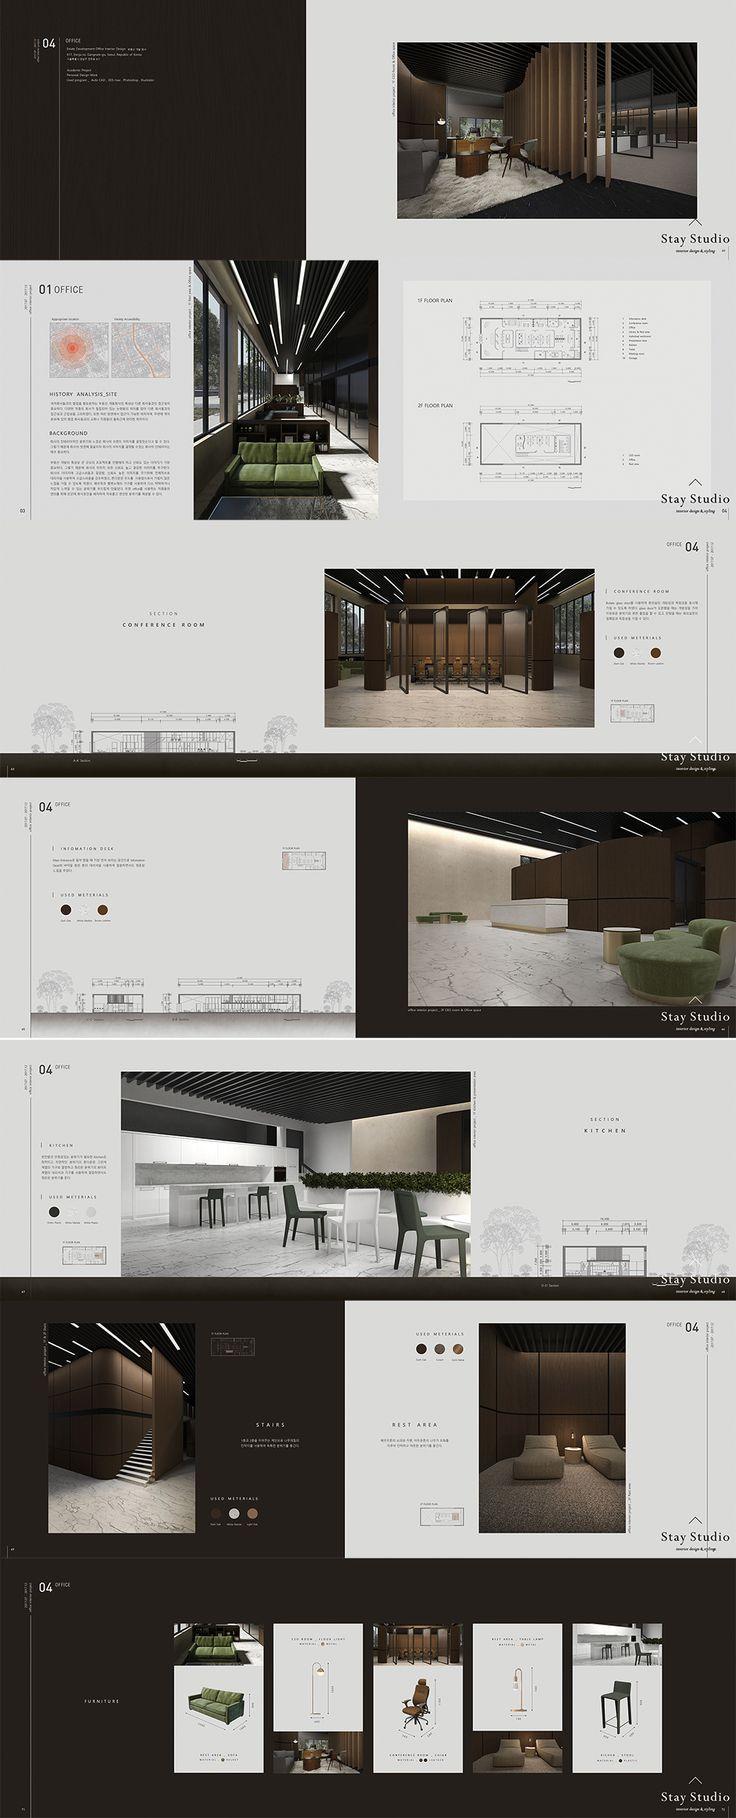 Stay Studio Portfolio De Design De Interiores Portfolio De